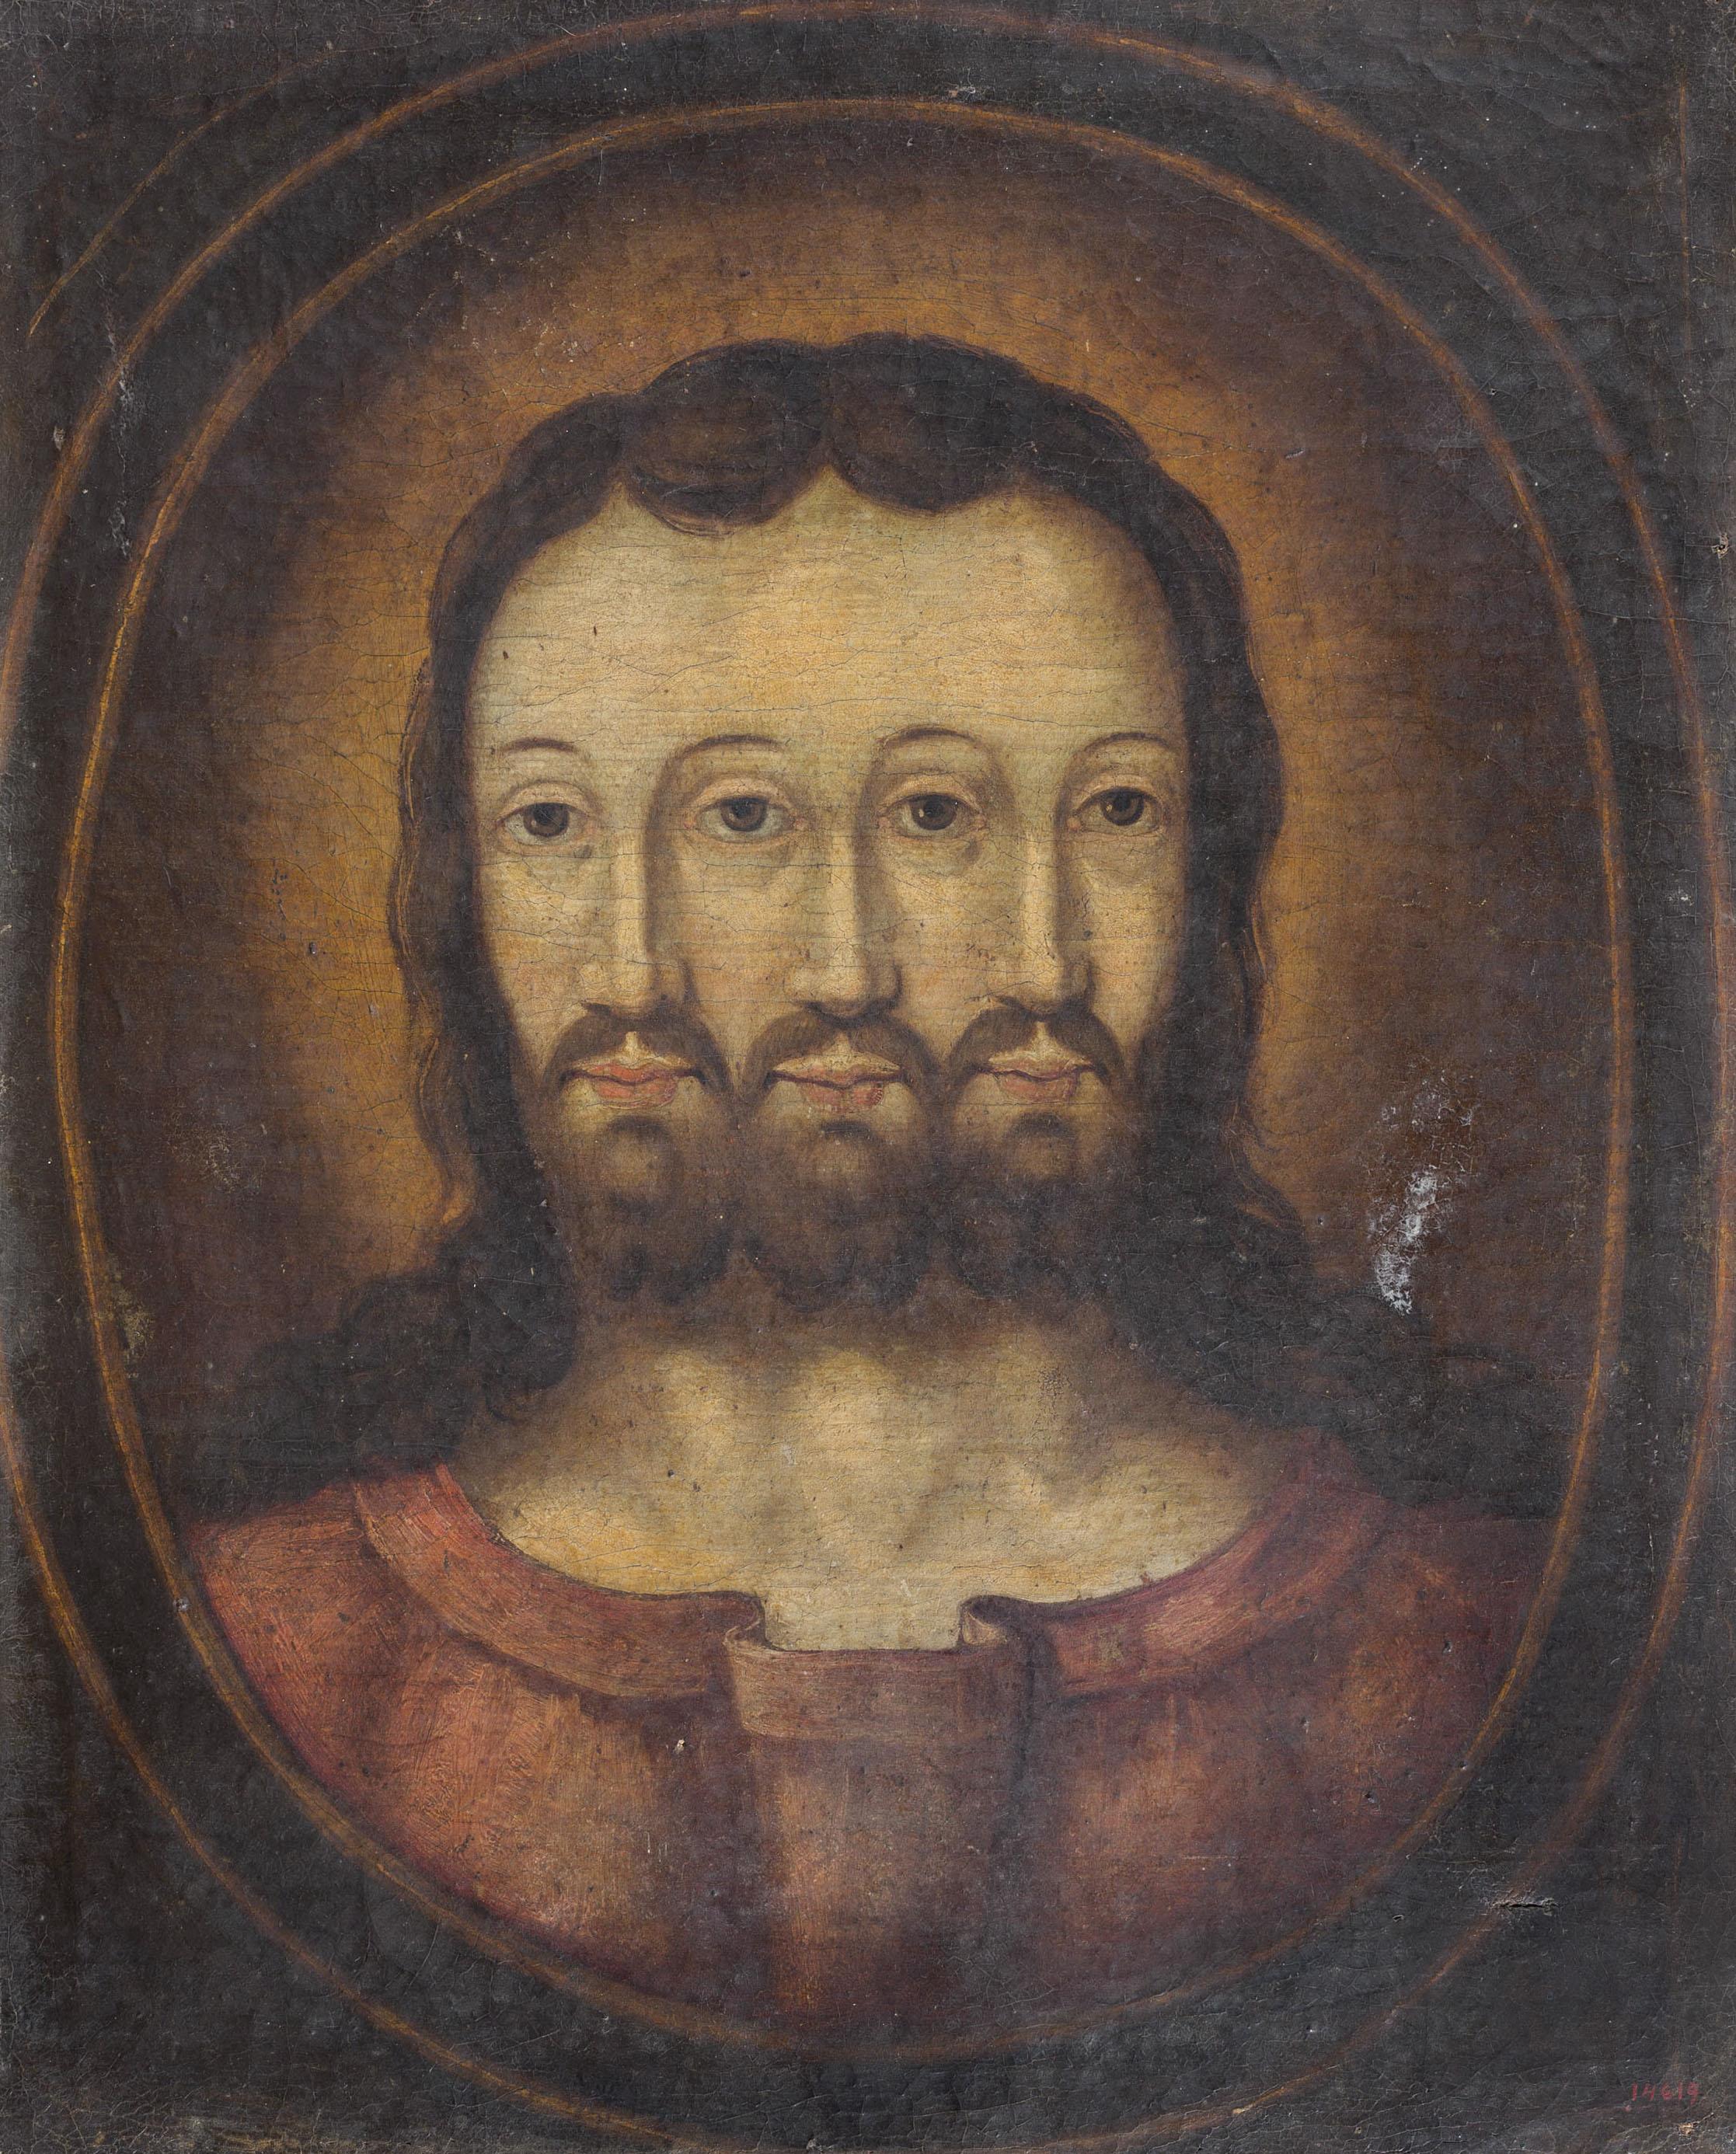 Anònim - Bust trifacial de Crist - Entre 1575-1650